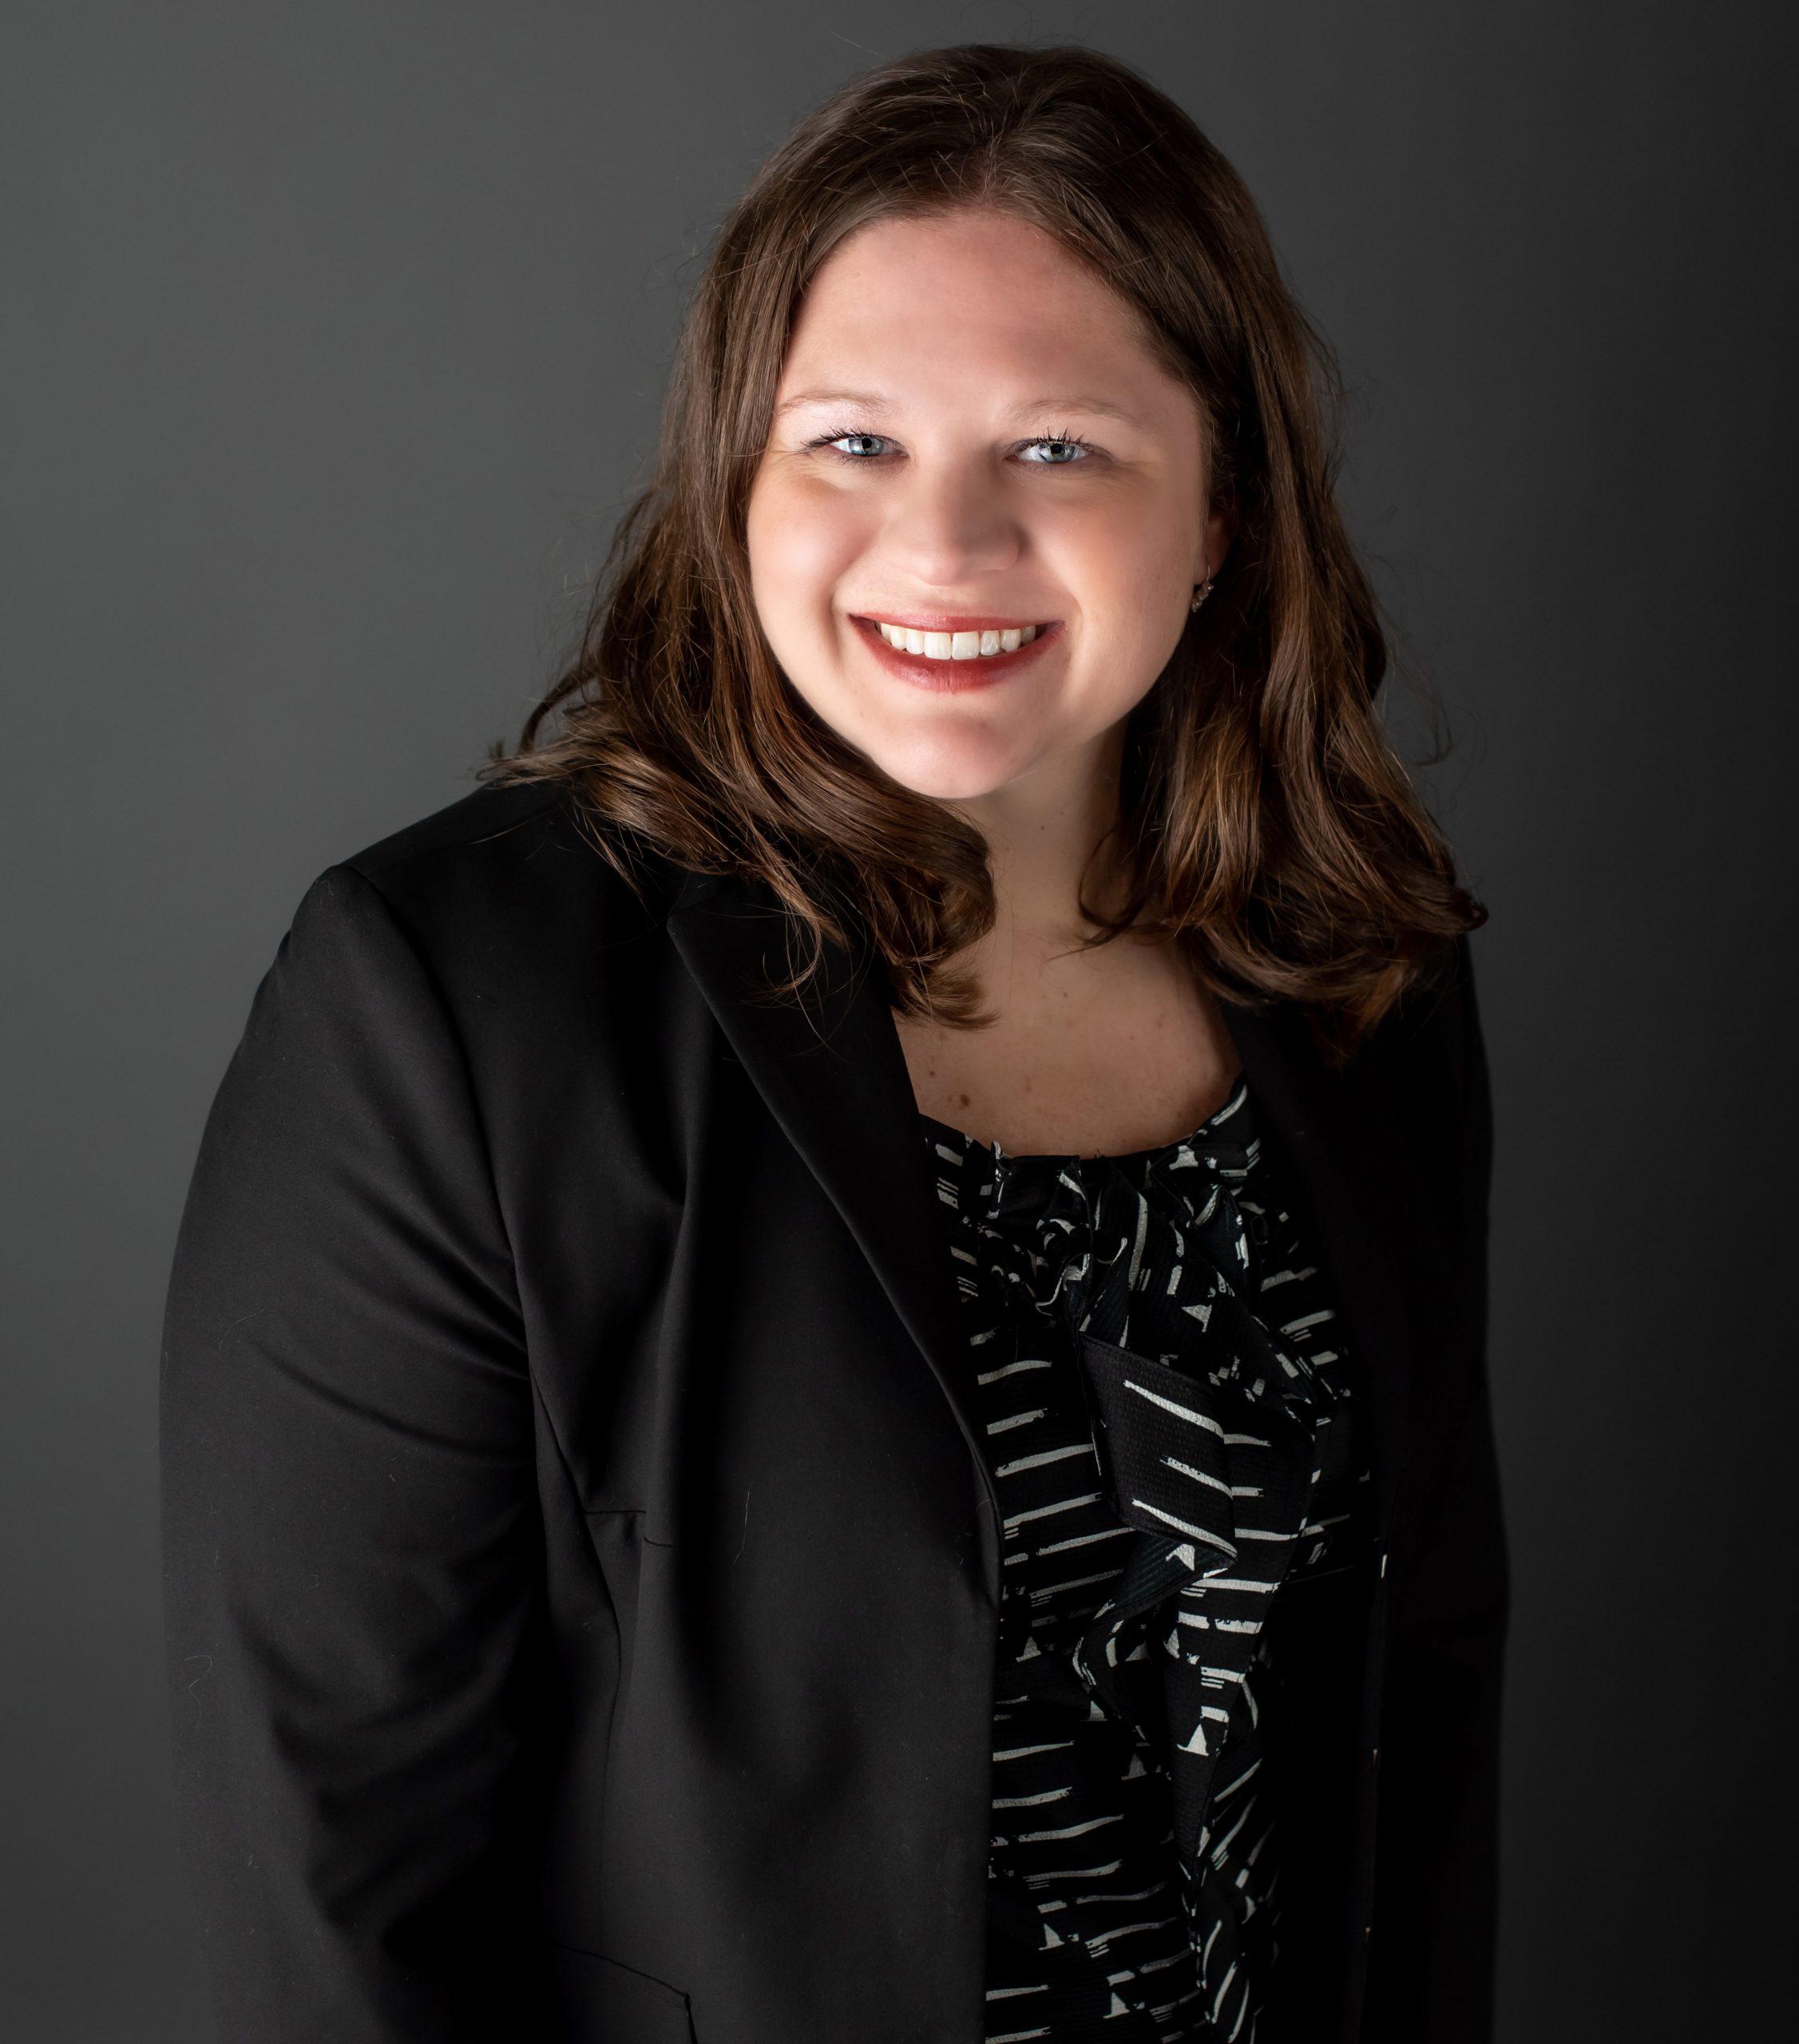 Attorney Allison E. Thiel